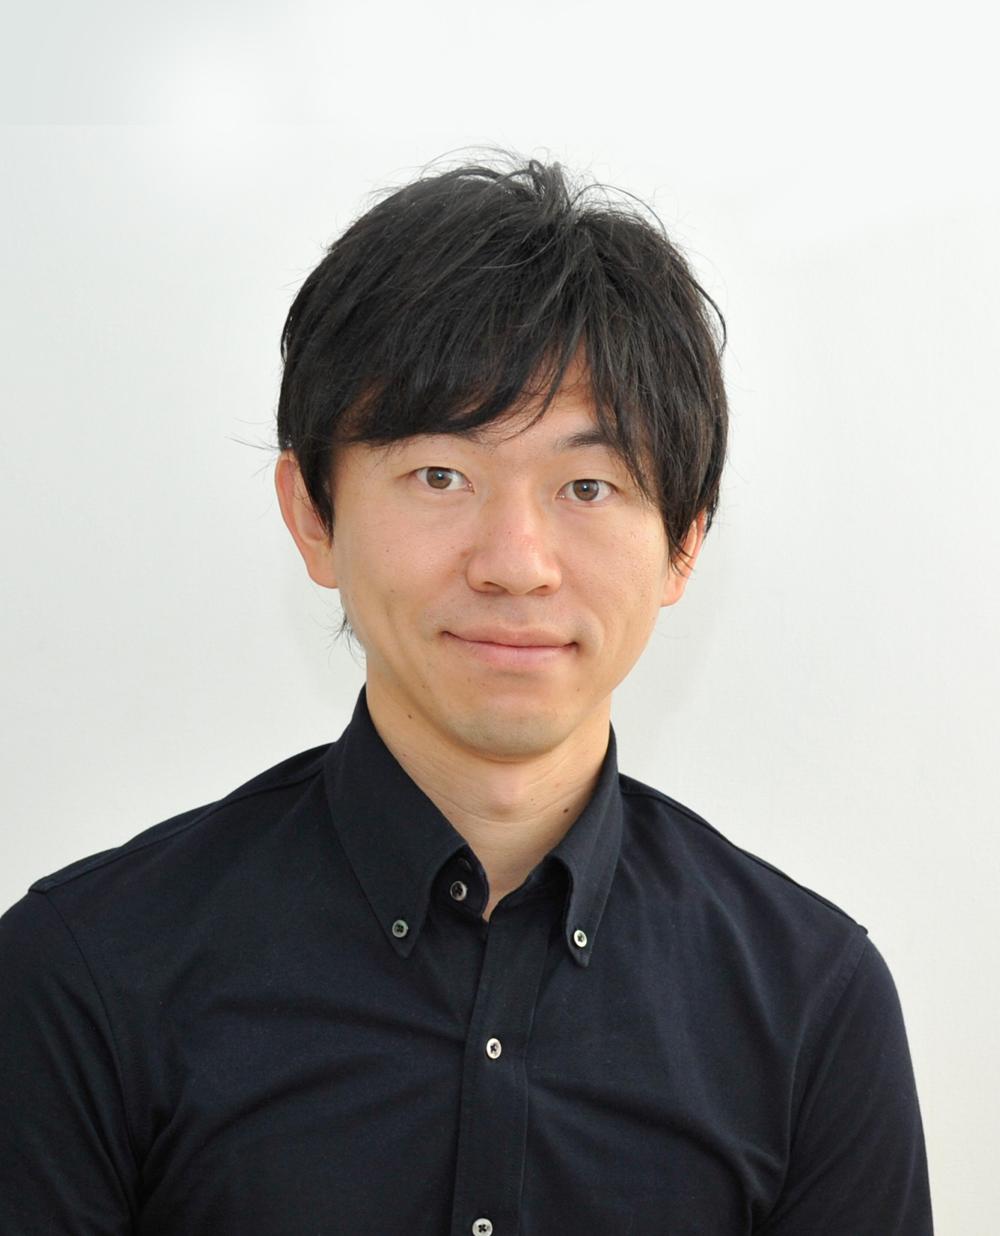 橋本 聡 | キャスティングドクター ドクター専門プロダクション